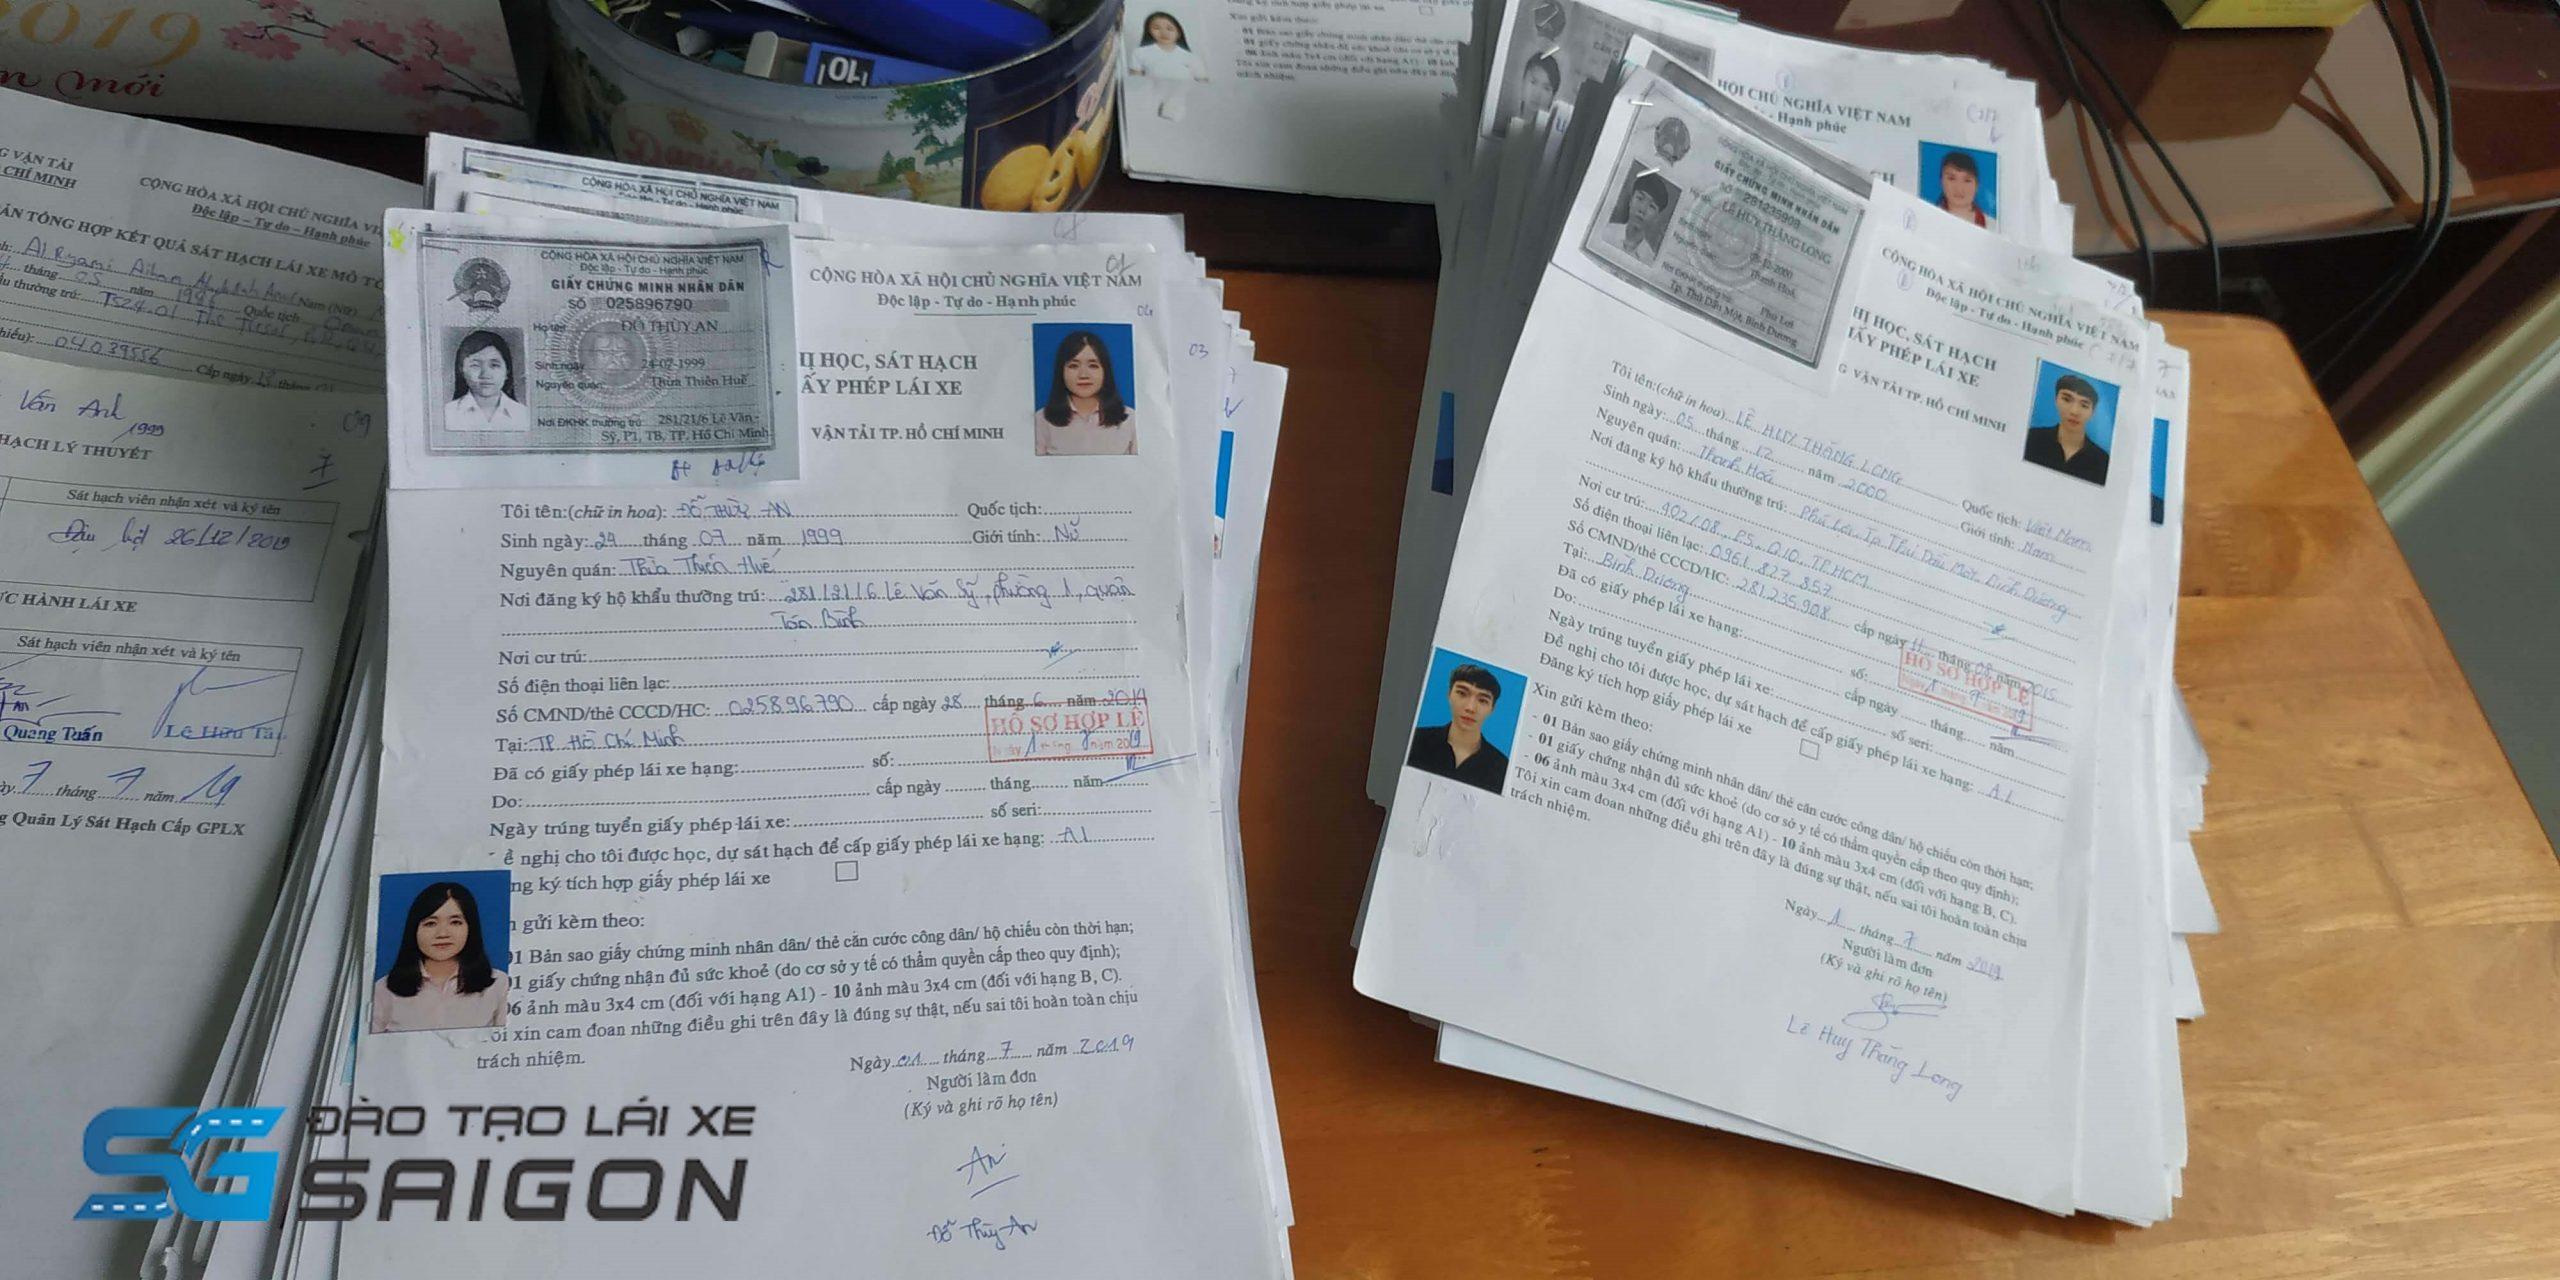 Những giấy tờ, hồ sơ cần chuẩn bị khi đăng ký thi bằng lái xe máy ở Hà Nội